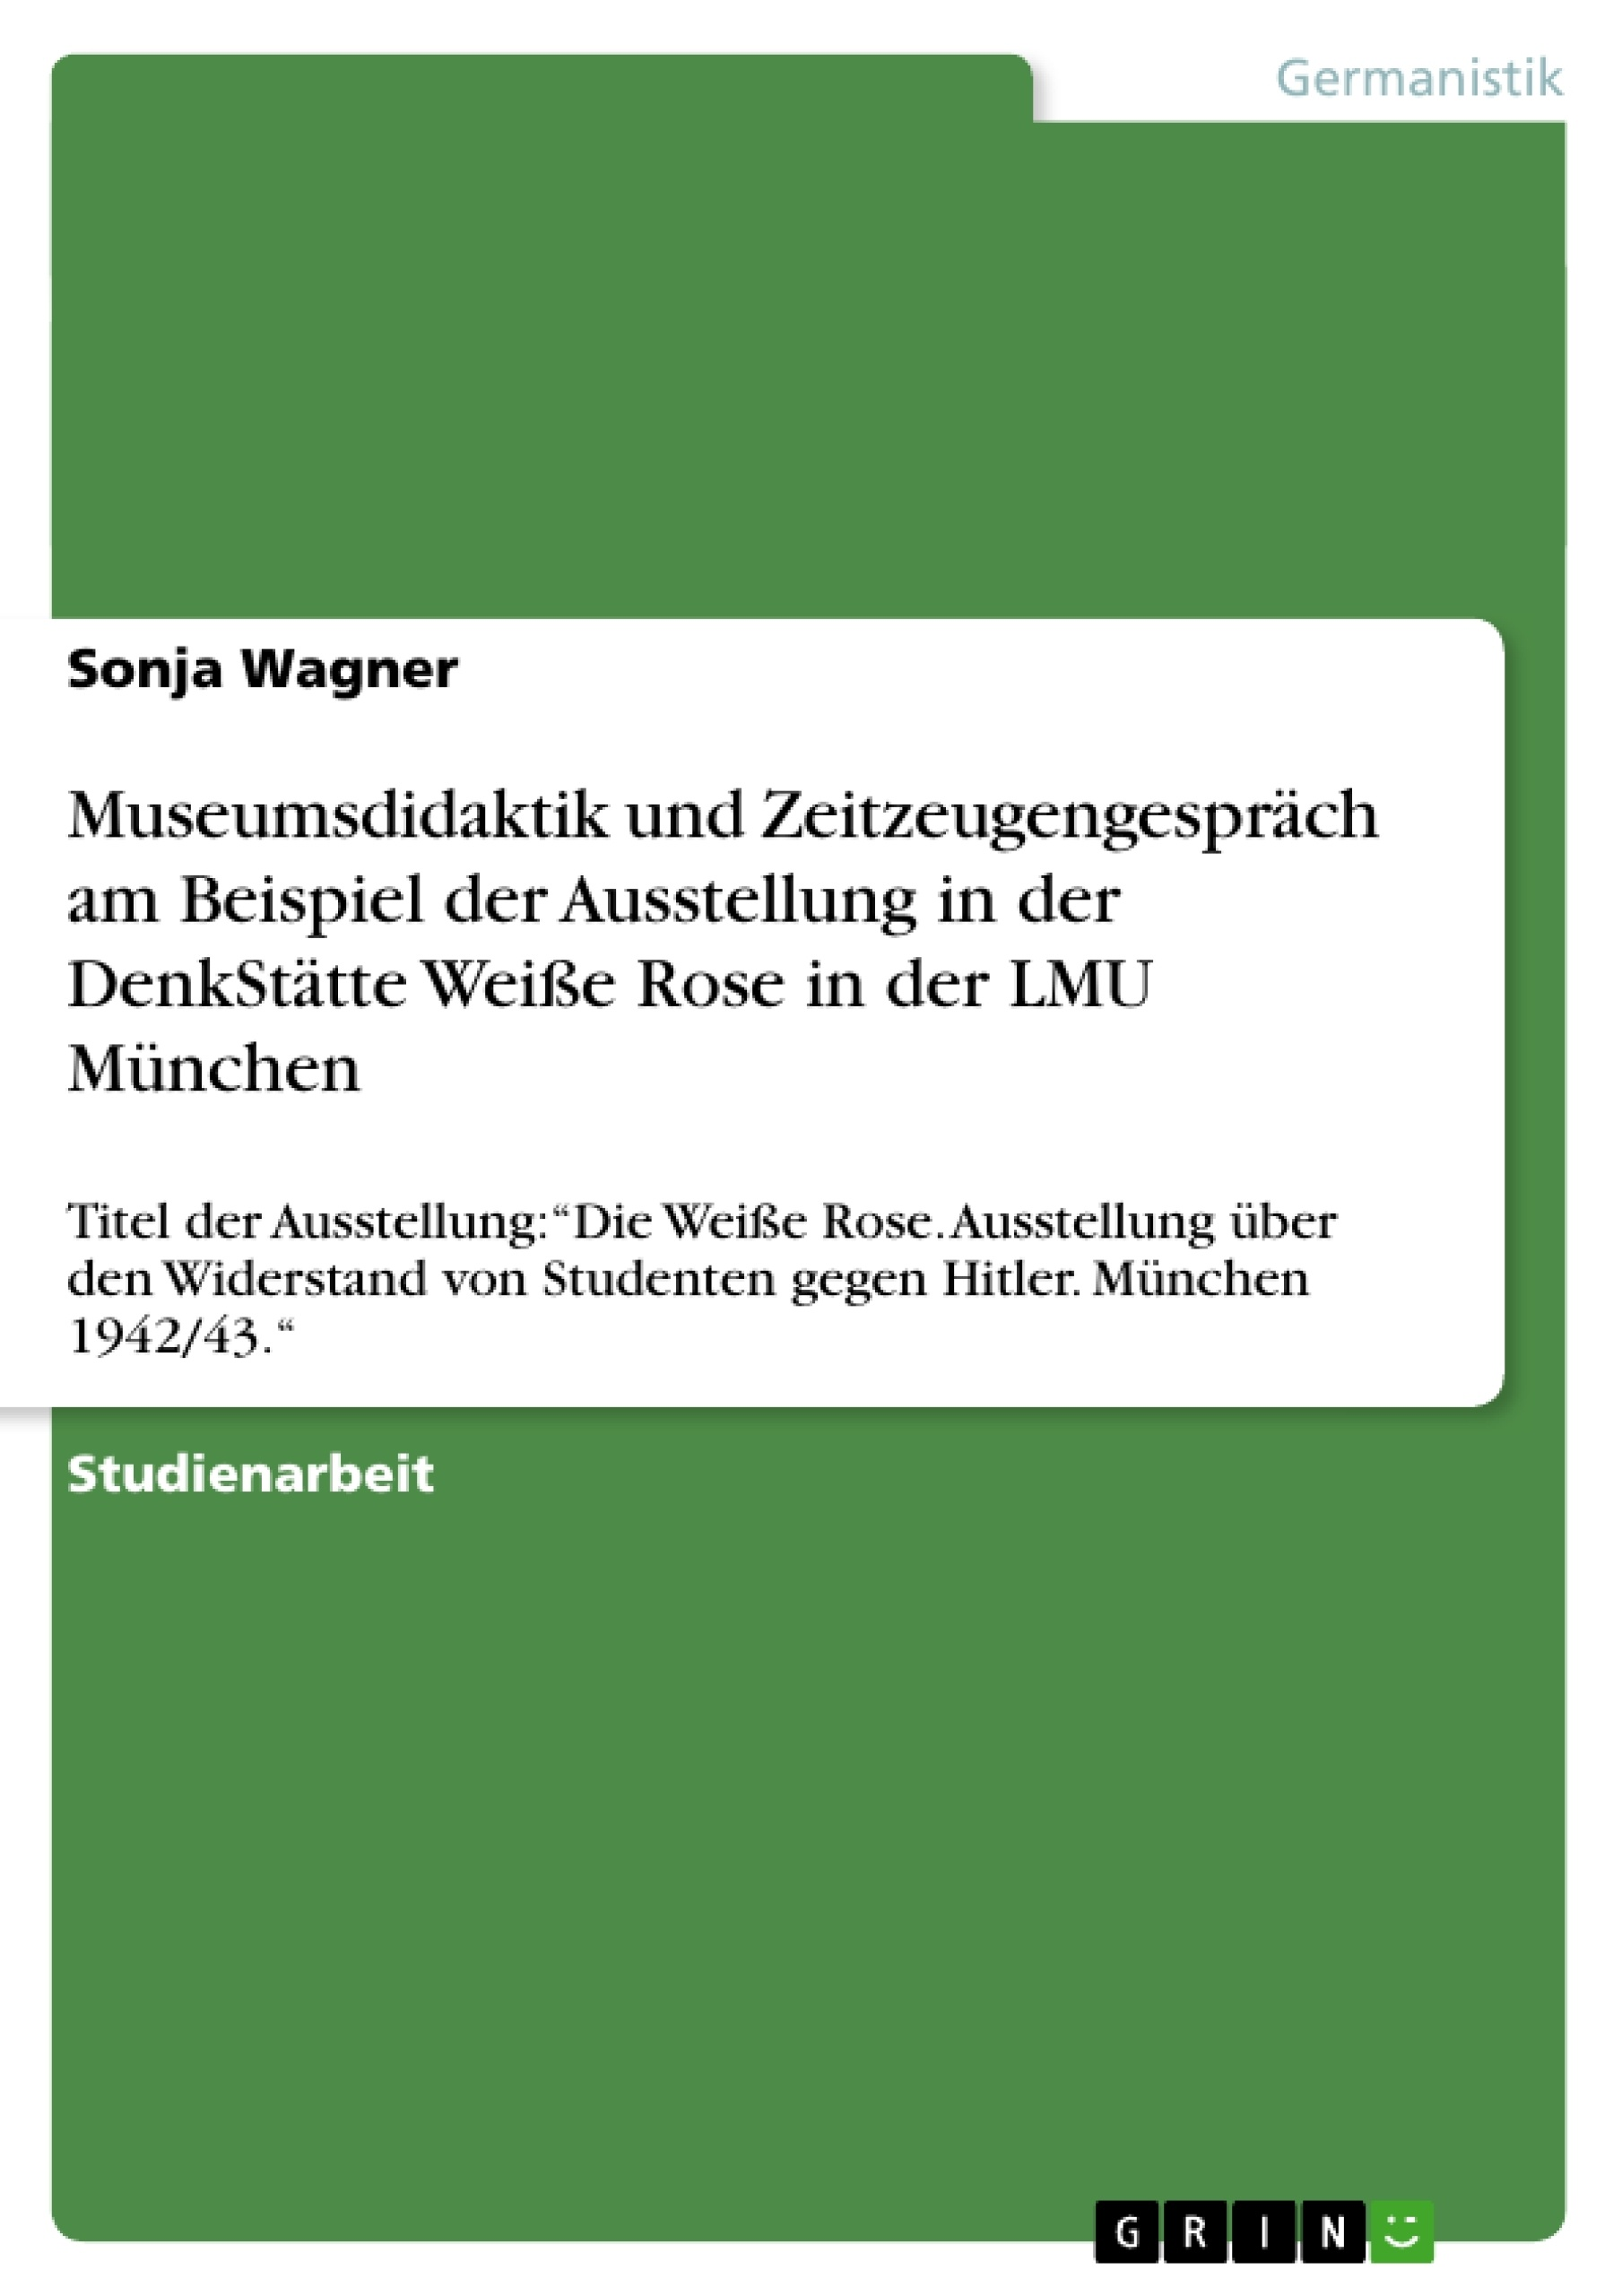 Titel: Museumsdidaktik und Zeitzeugengespräch am Beispiel der Ausstellung in der DenkStätte Weiße Rose in der LMU München